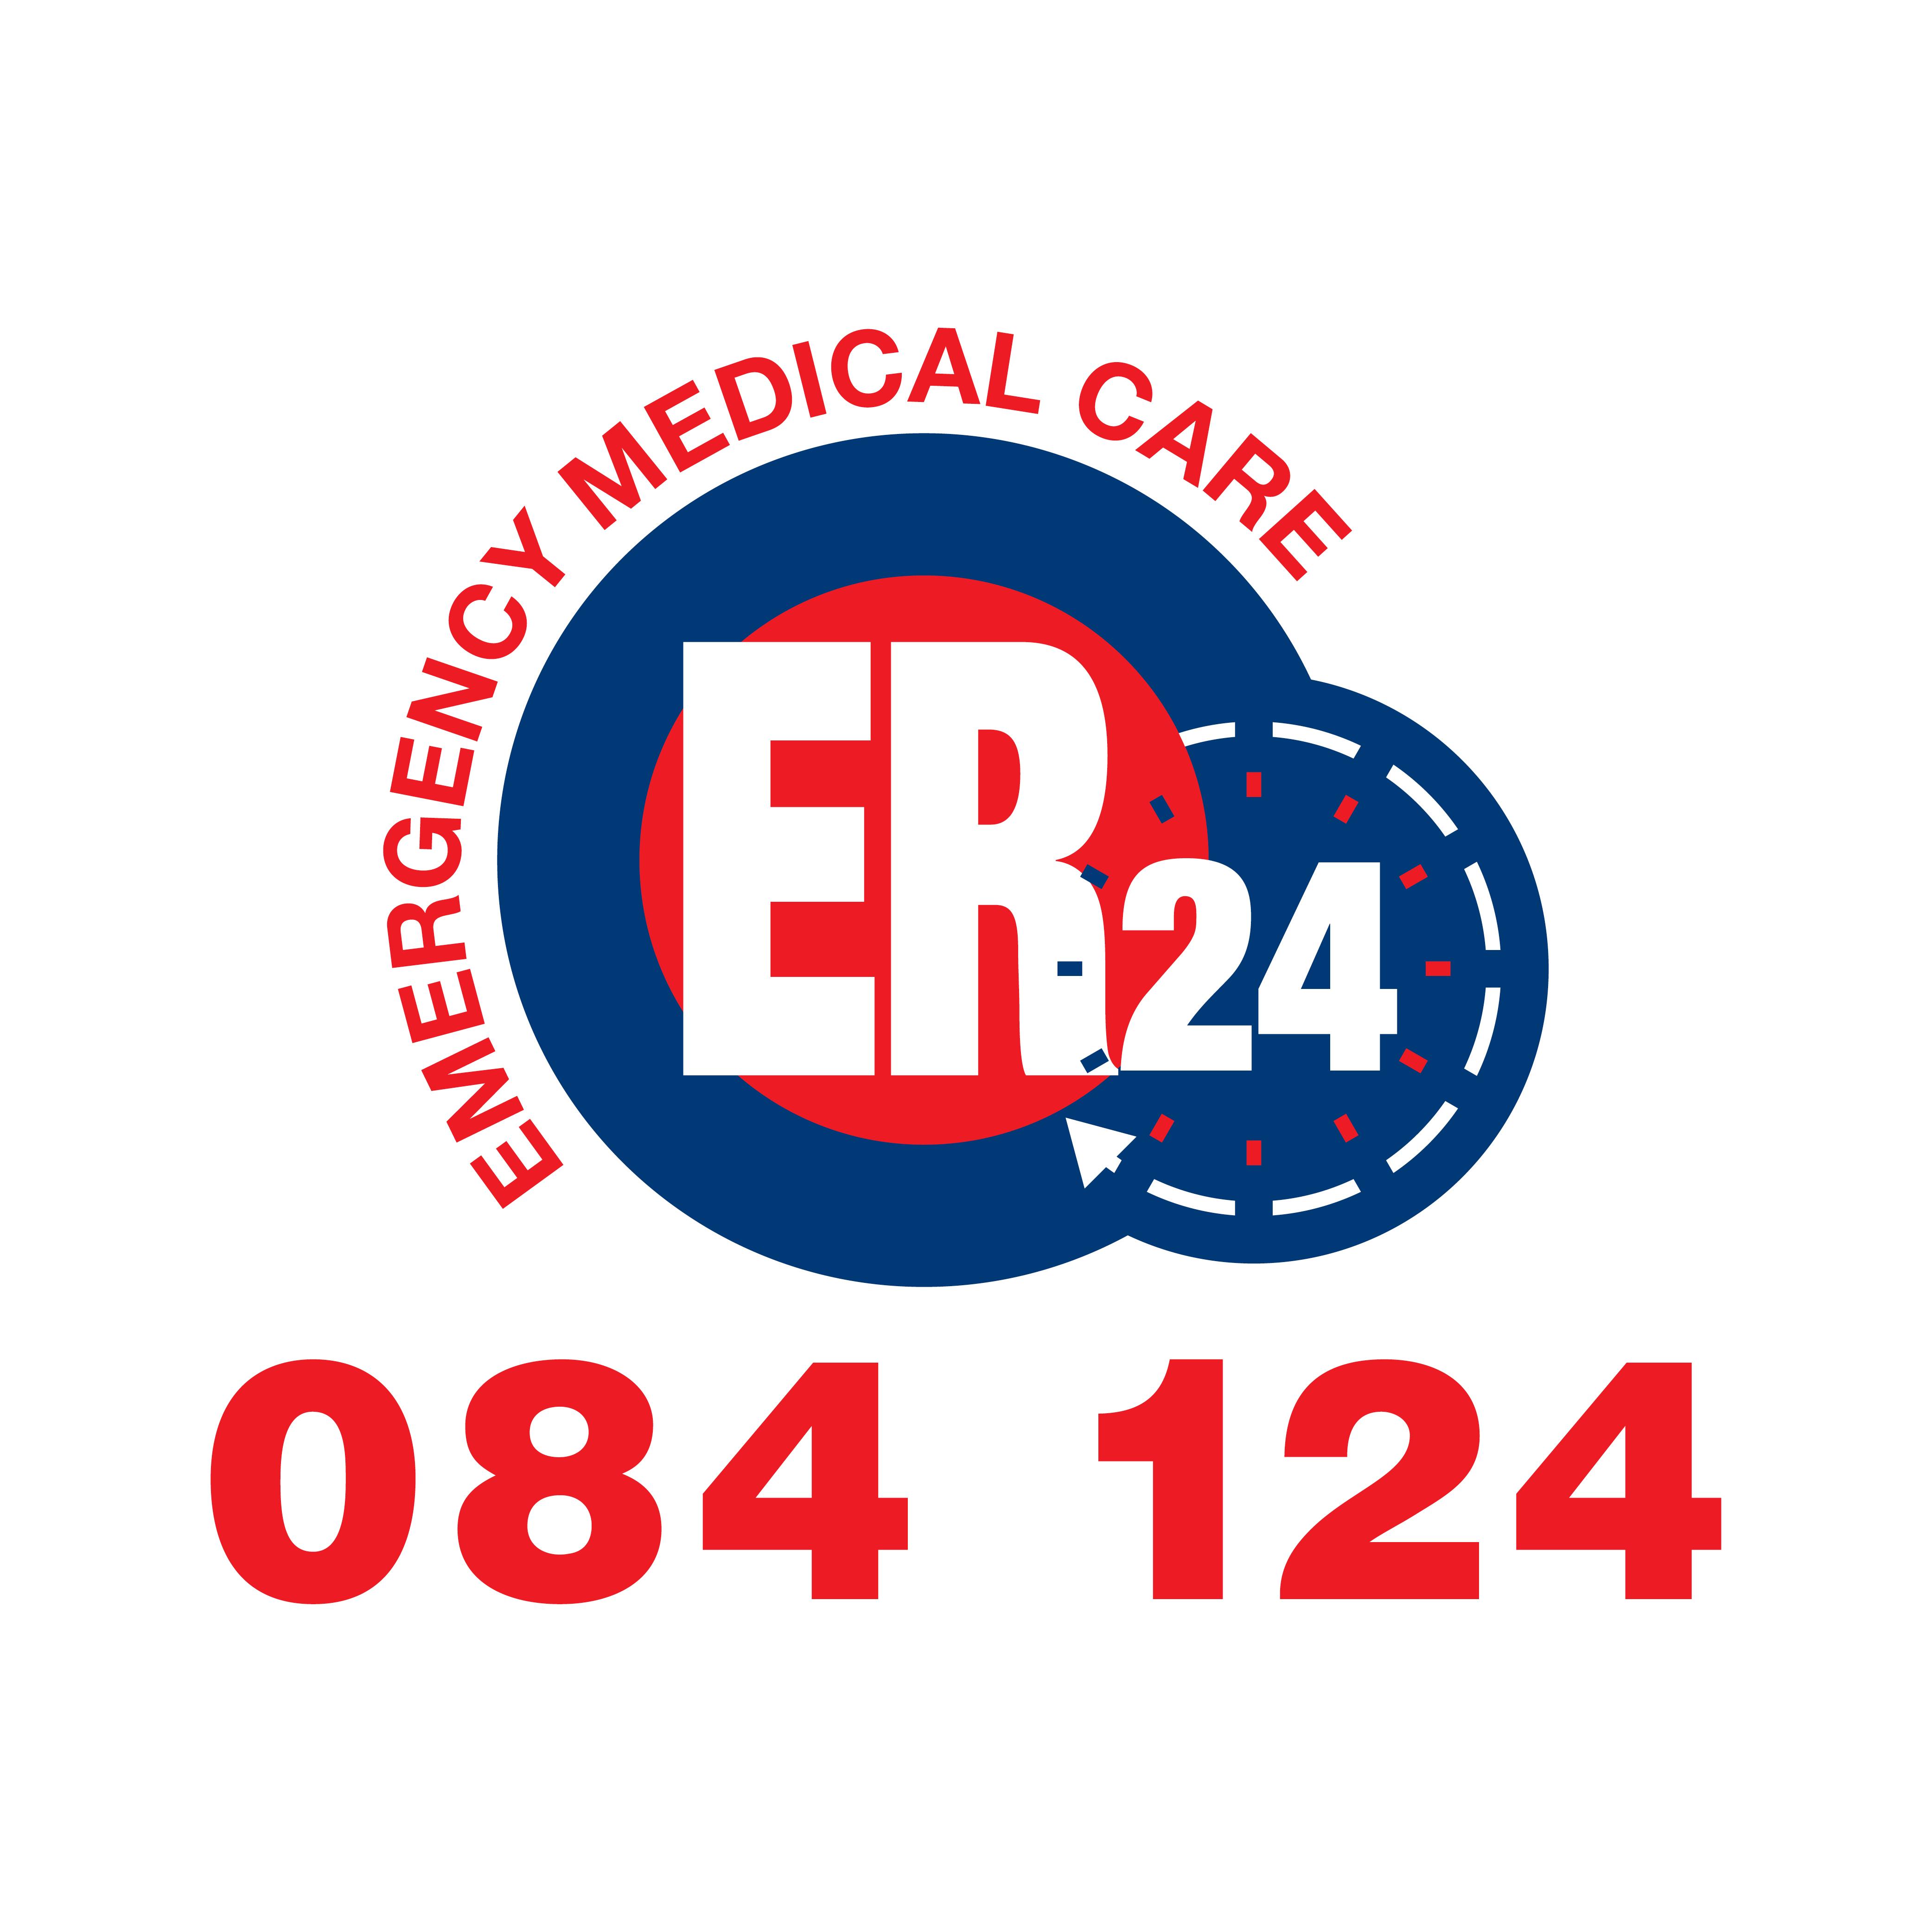 ER24 Stellenbosch